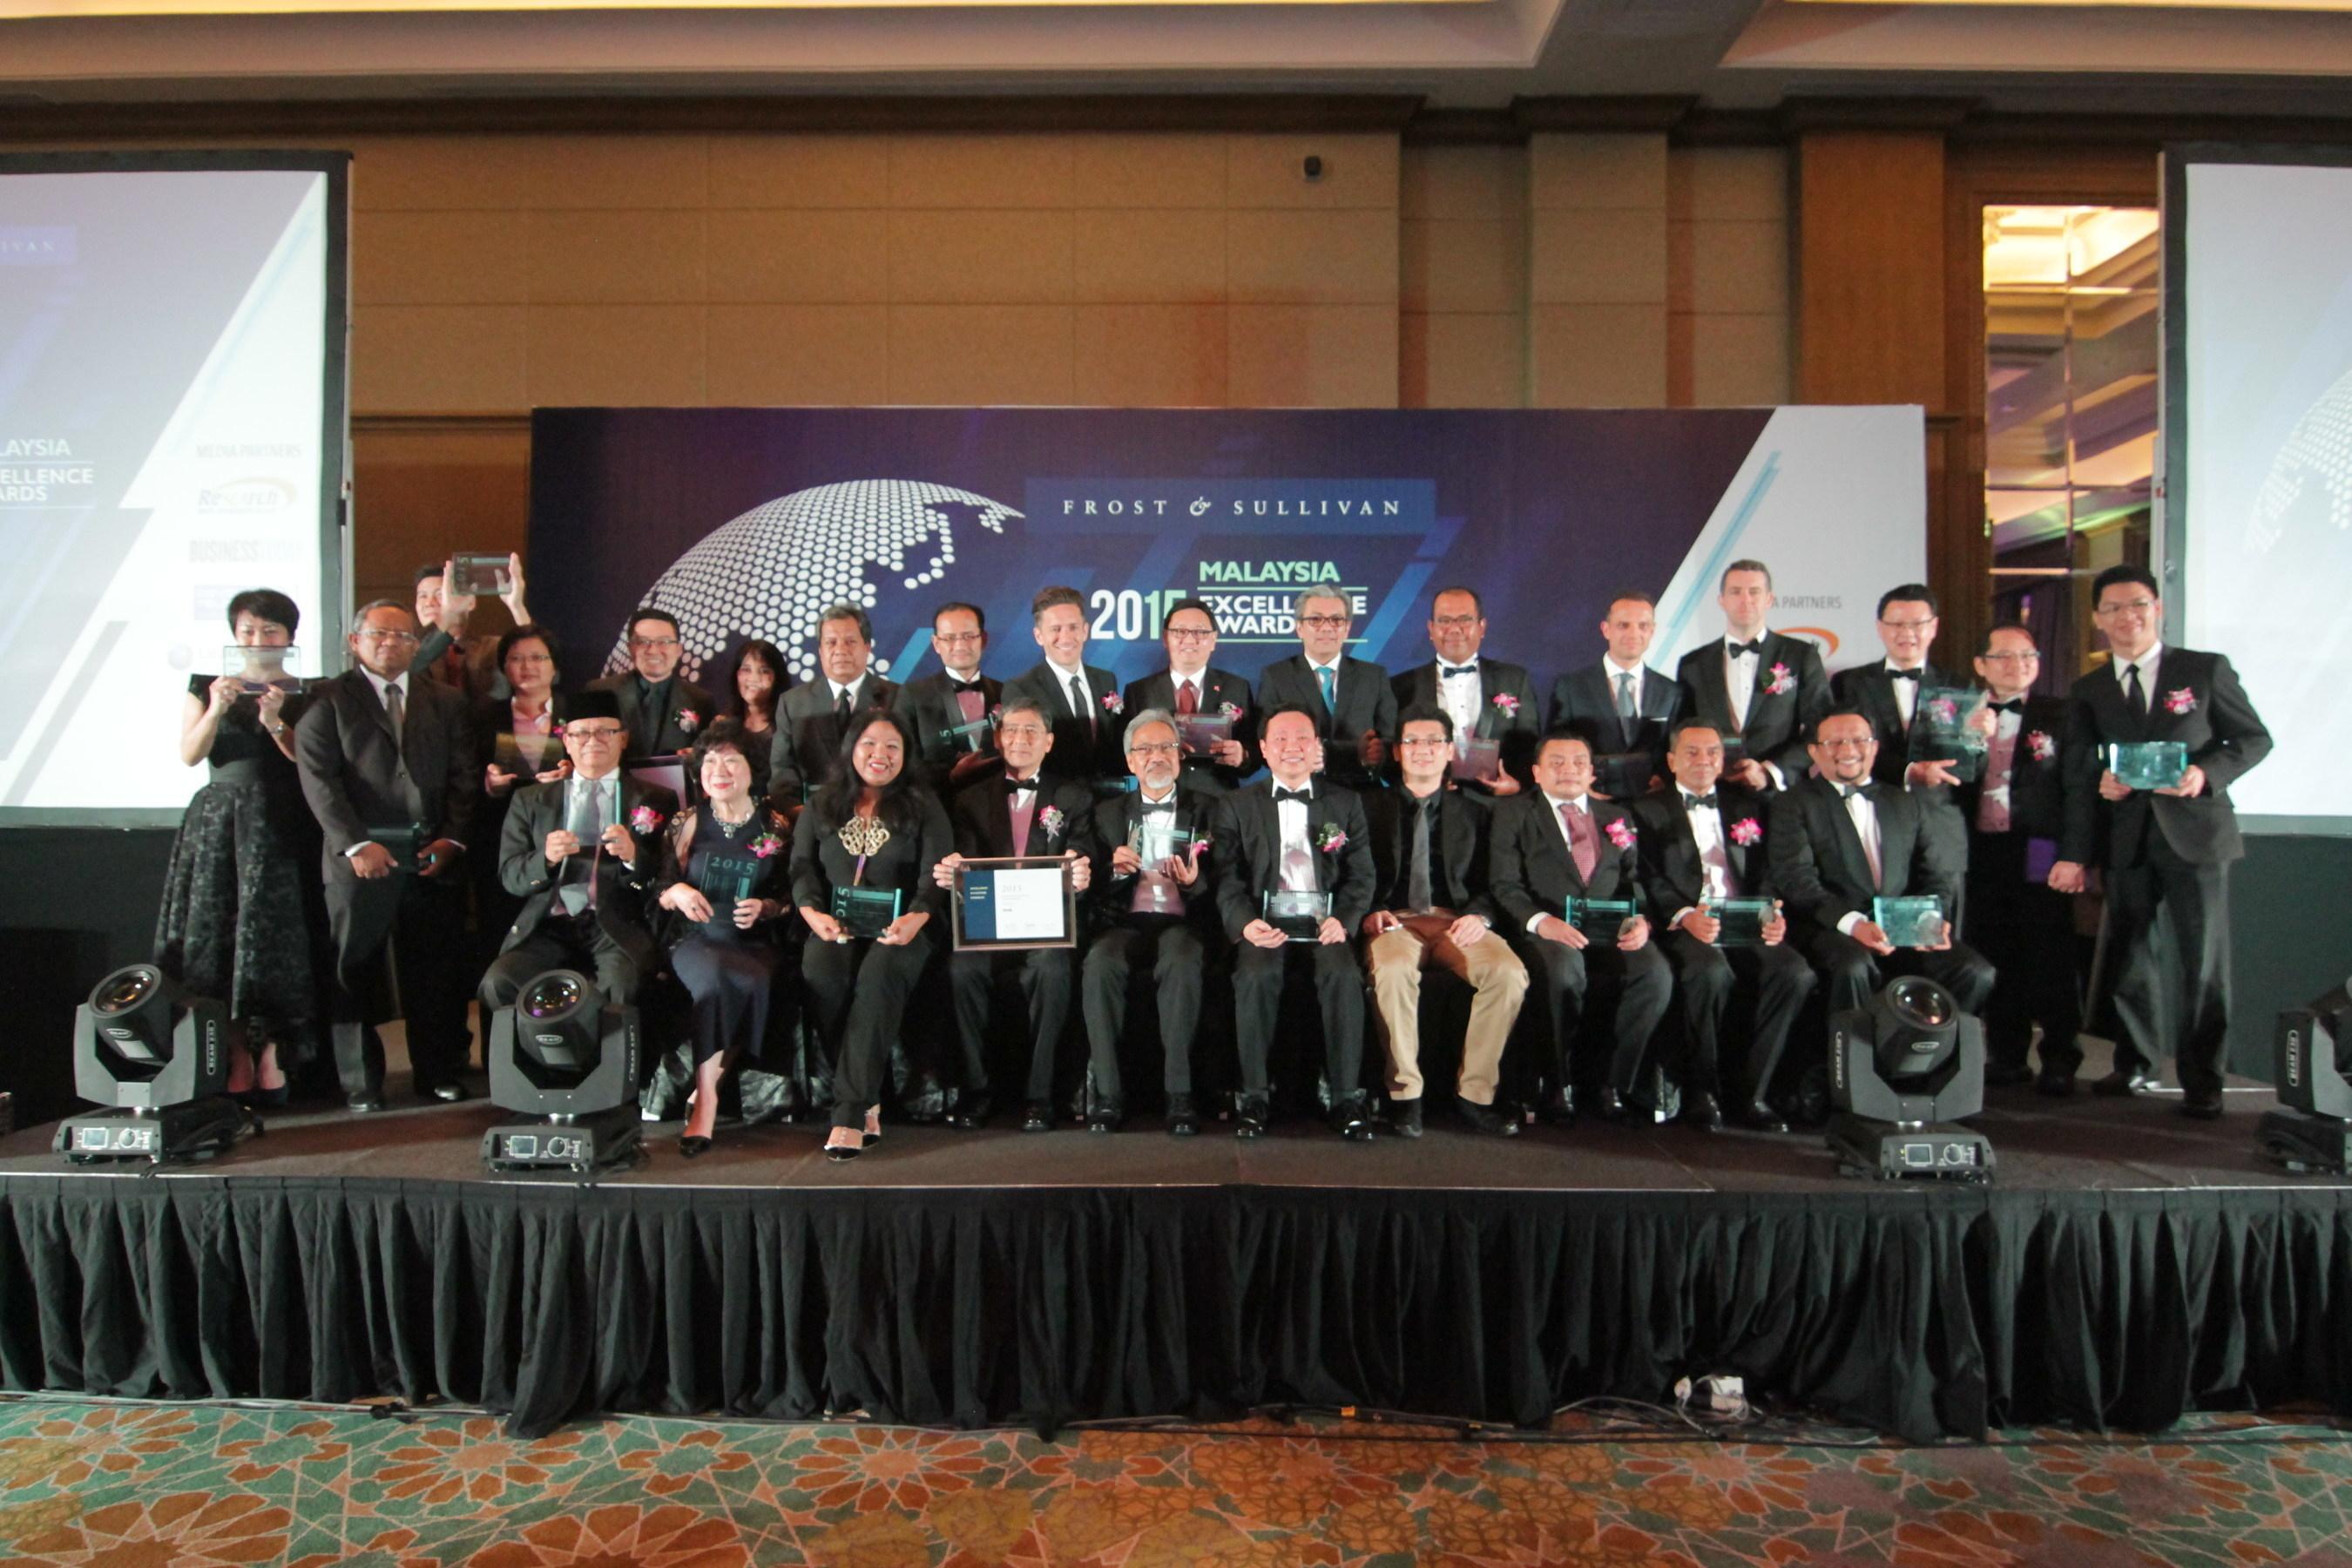 2015 Malaysia Excellence Award recipients